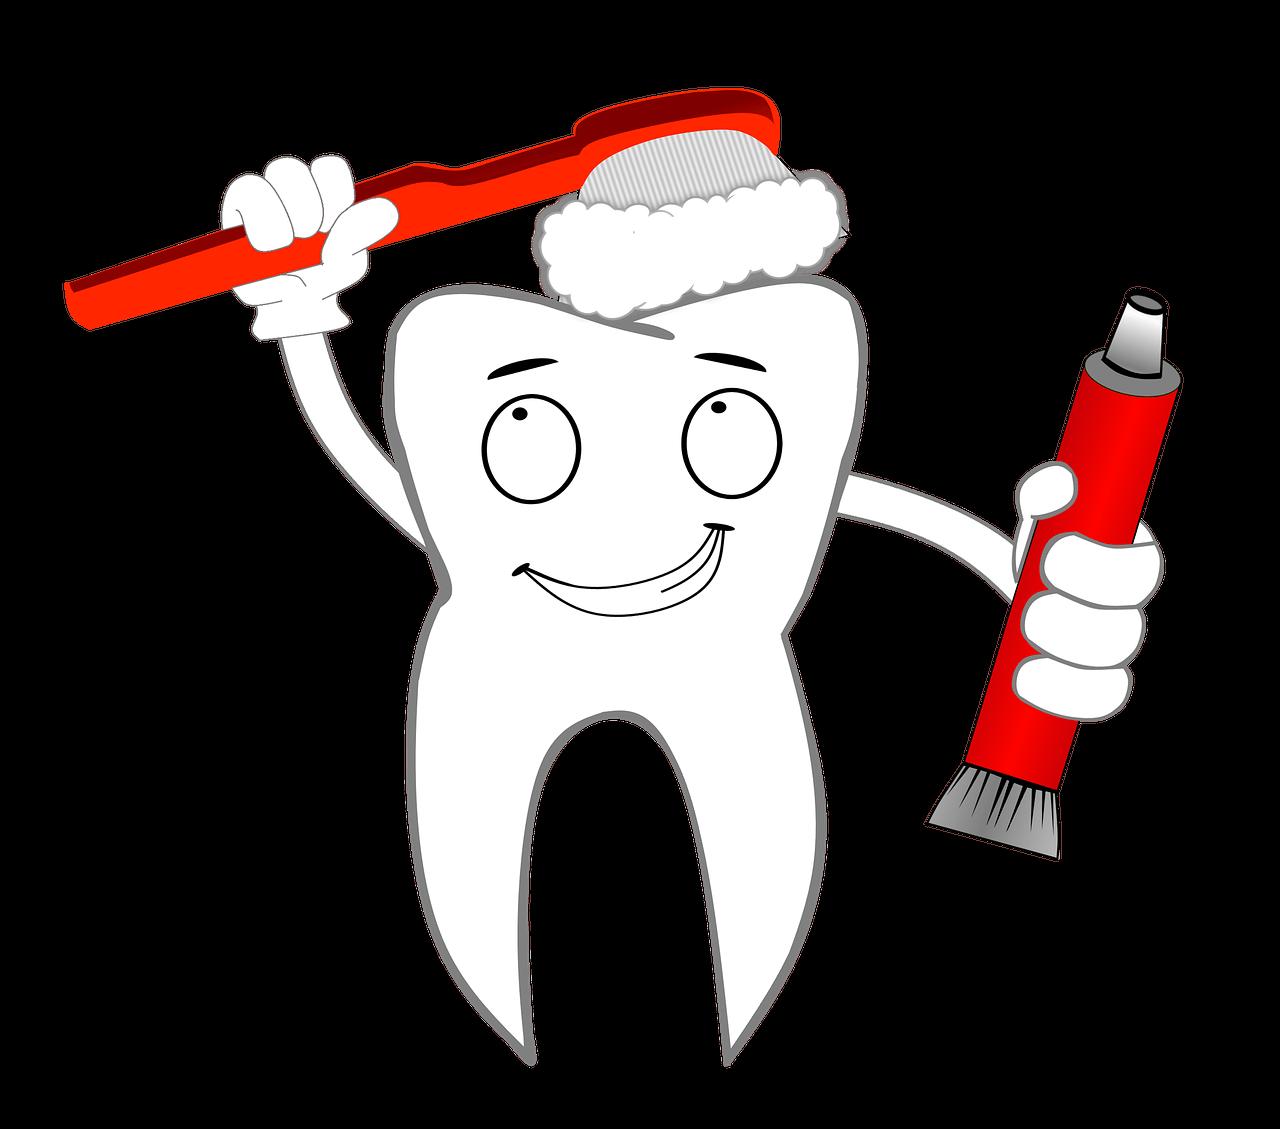 Diş Sağlığı Boyama Sayfaları